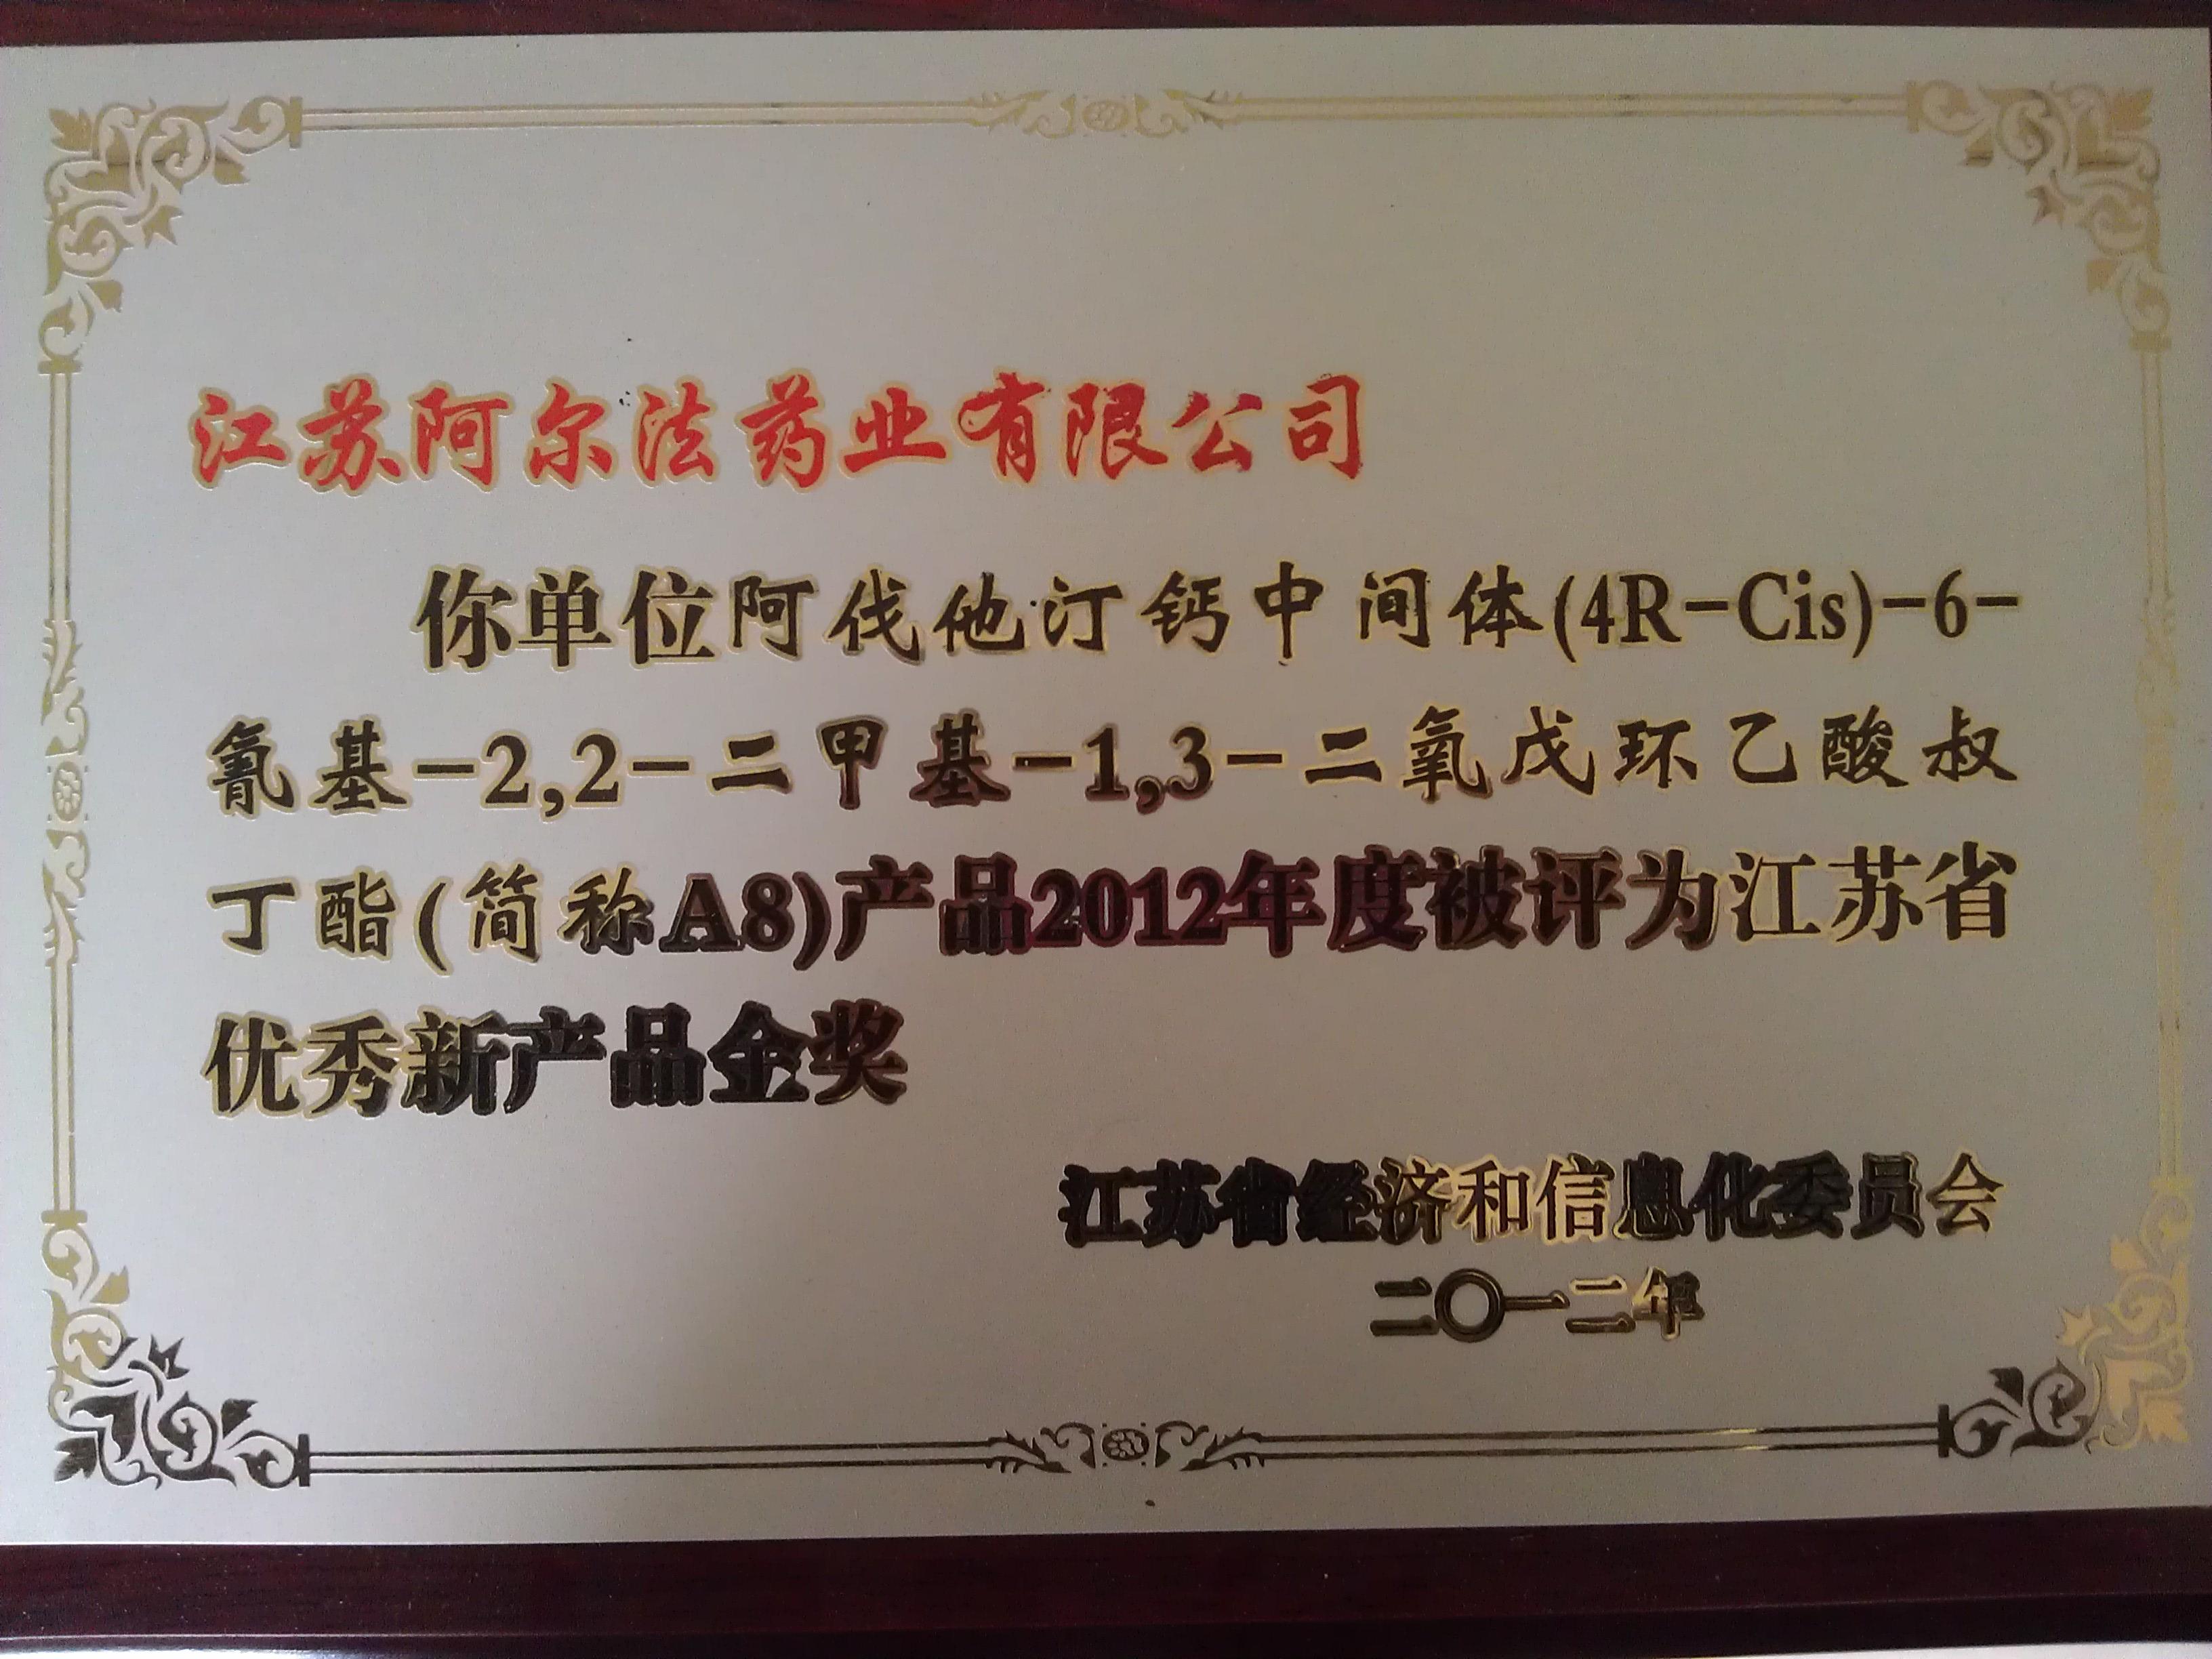 重要獎項-2.1.2012A8金獎